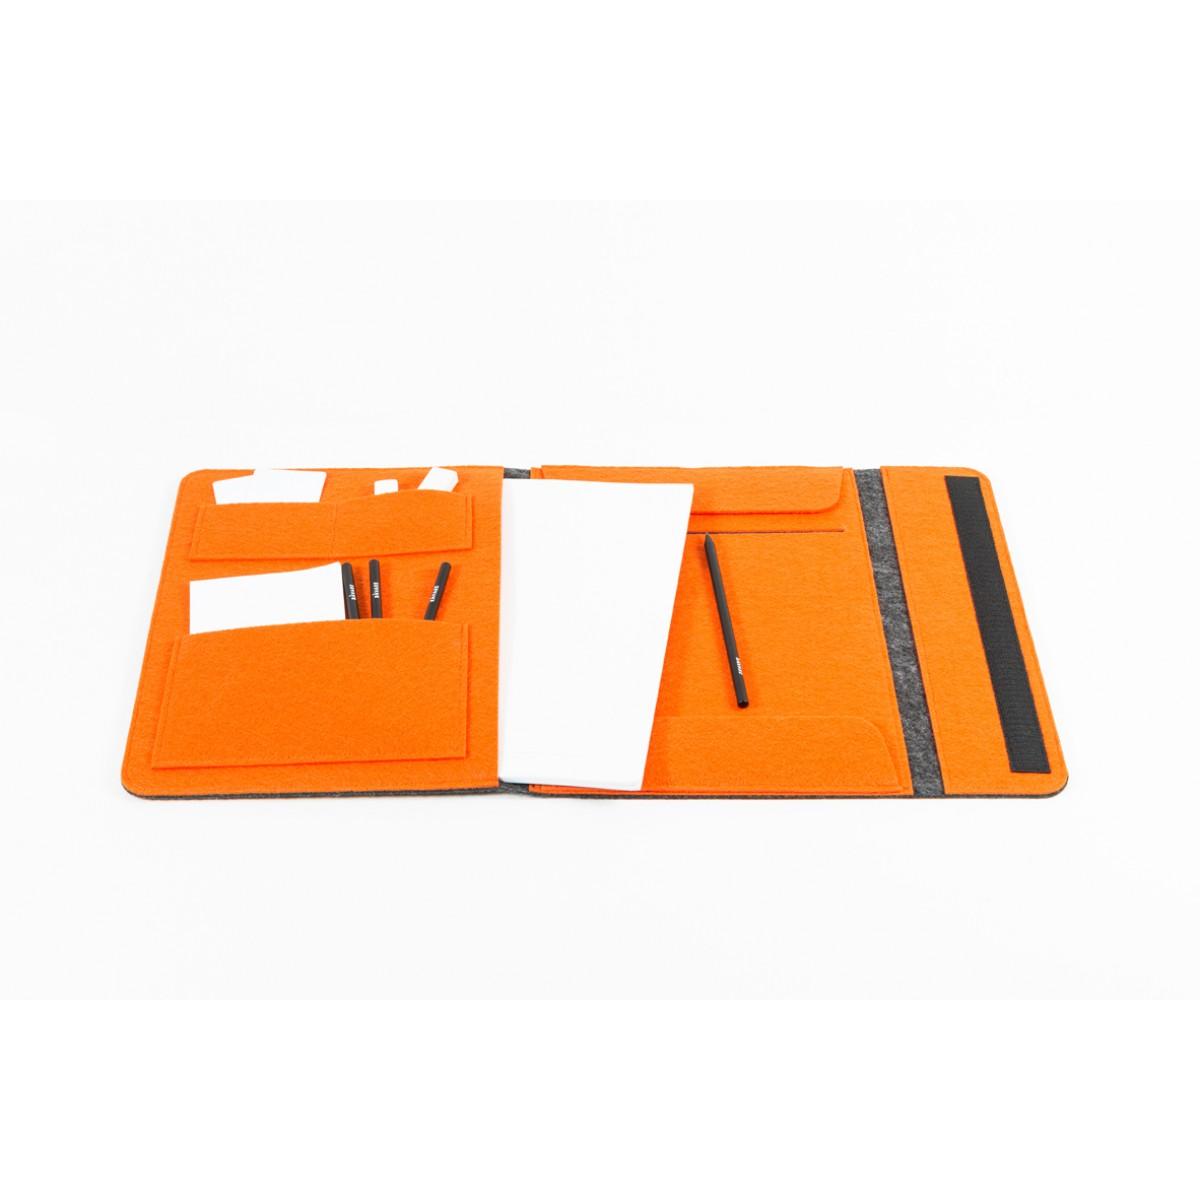 RÅVARE Dokumententasche Dokumentenmappe für A4-Dokumente und Tablet ≤12.3″ in grau-orange [HELLA]